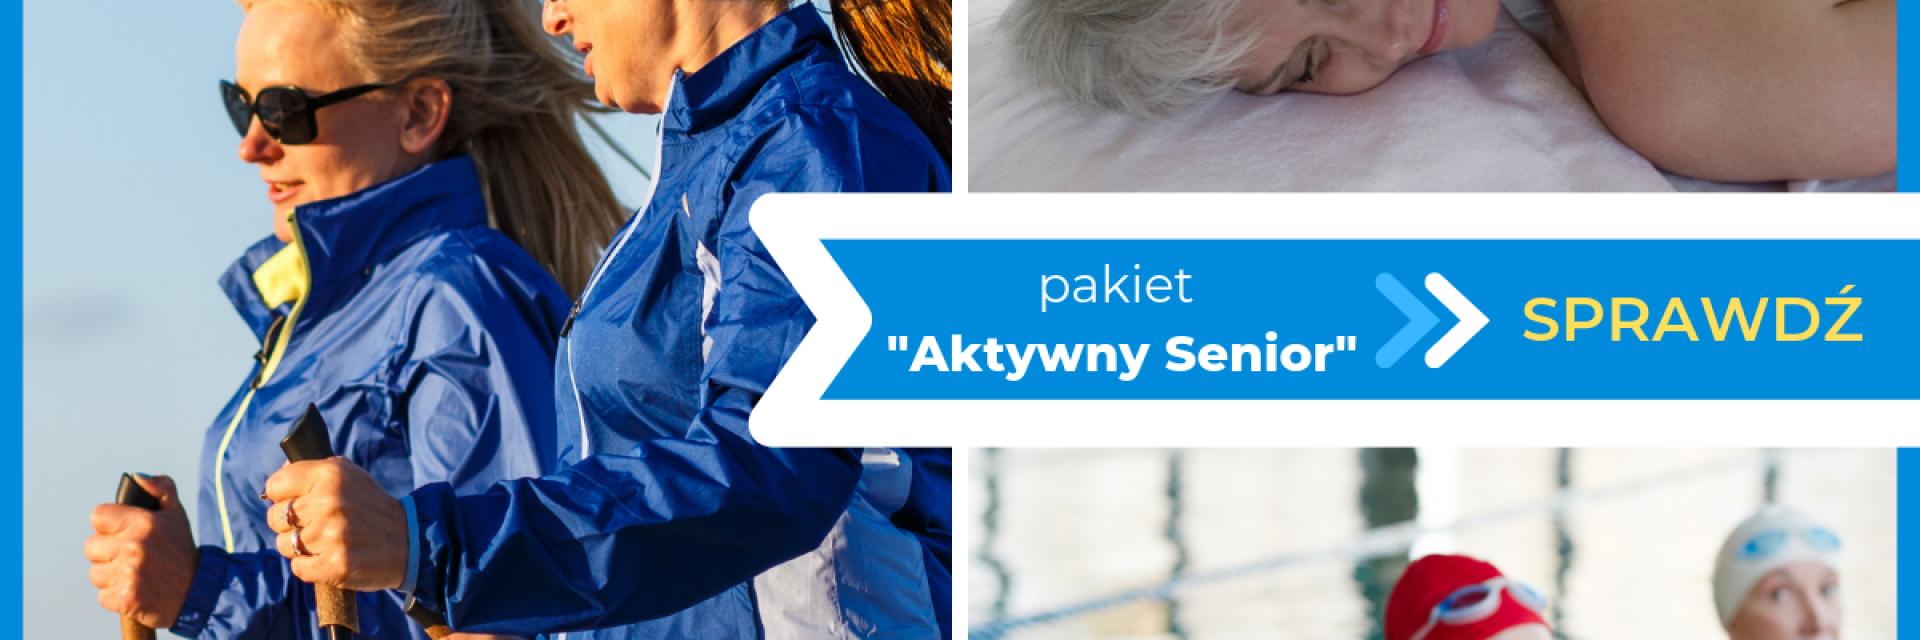 Pakiet Wodno-Fizykalny Aktywny Senior